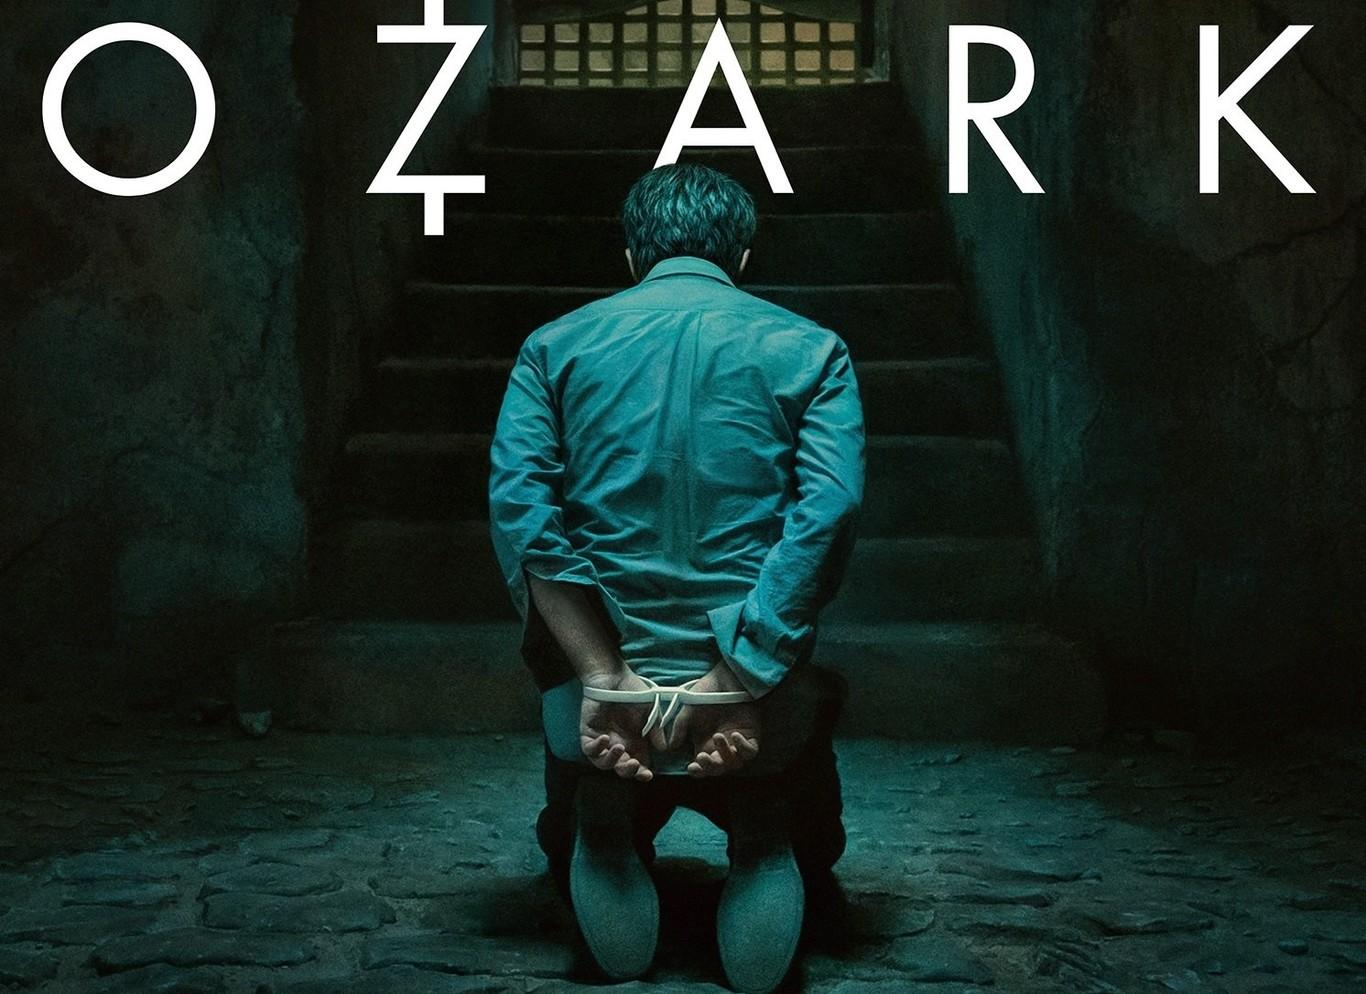 Ozark temporada 3 (2020) crítica: brilla cuando potencia la rivalidad entre  los Bryde